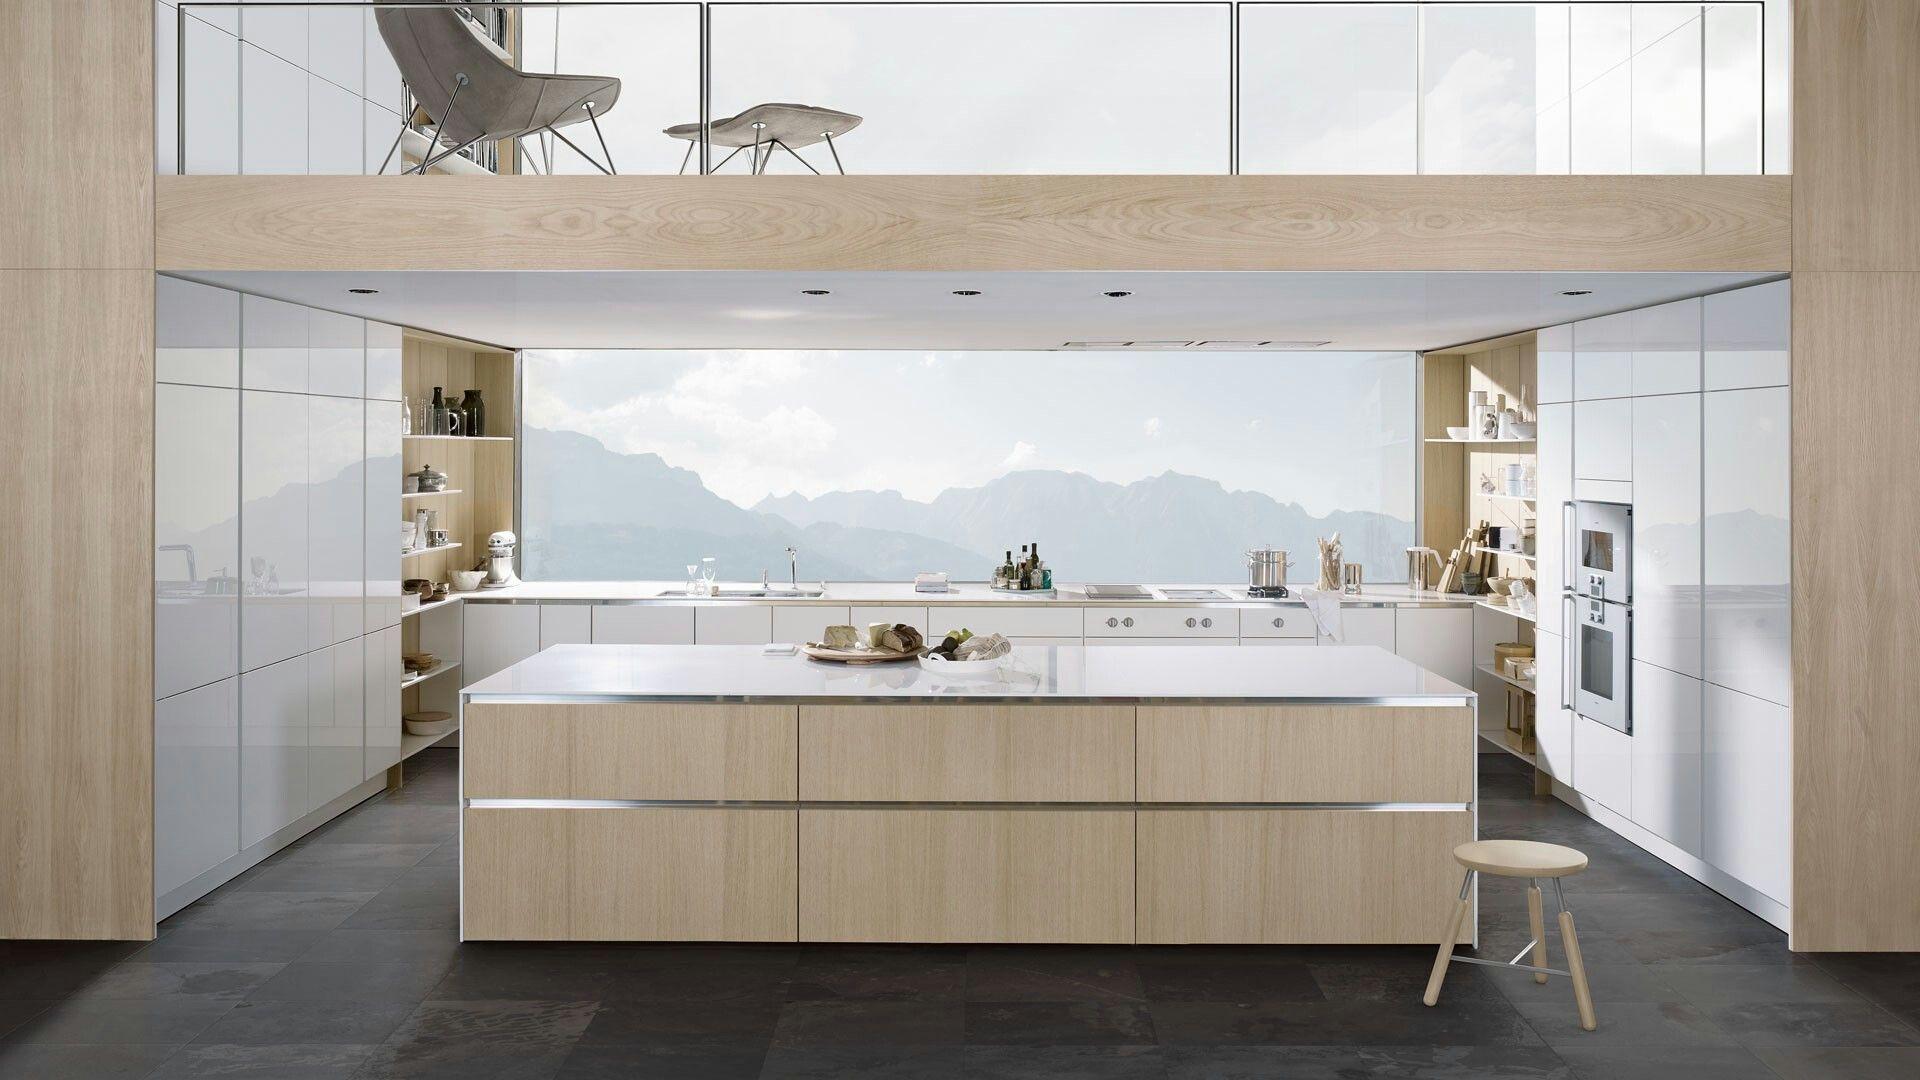 Pin von Antoine reiter auf Küche | Pinterest | Küche